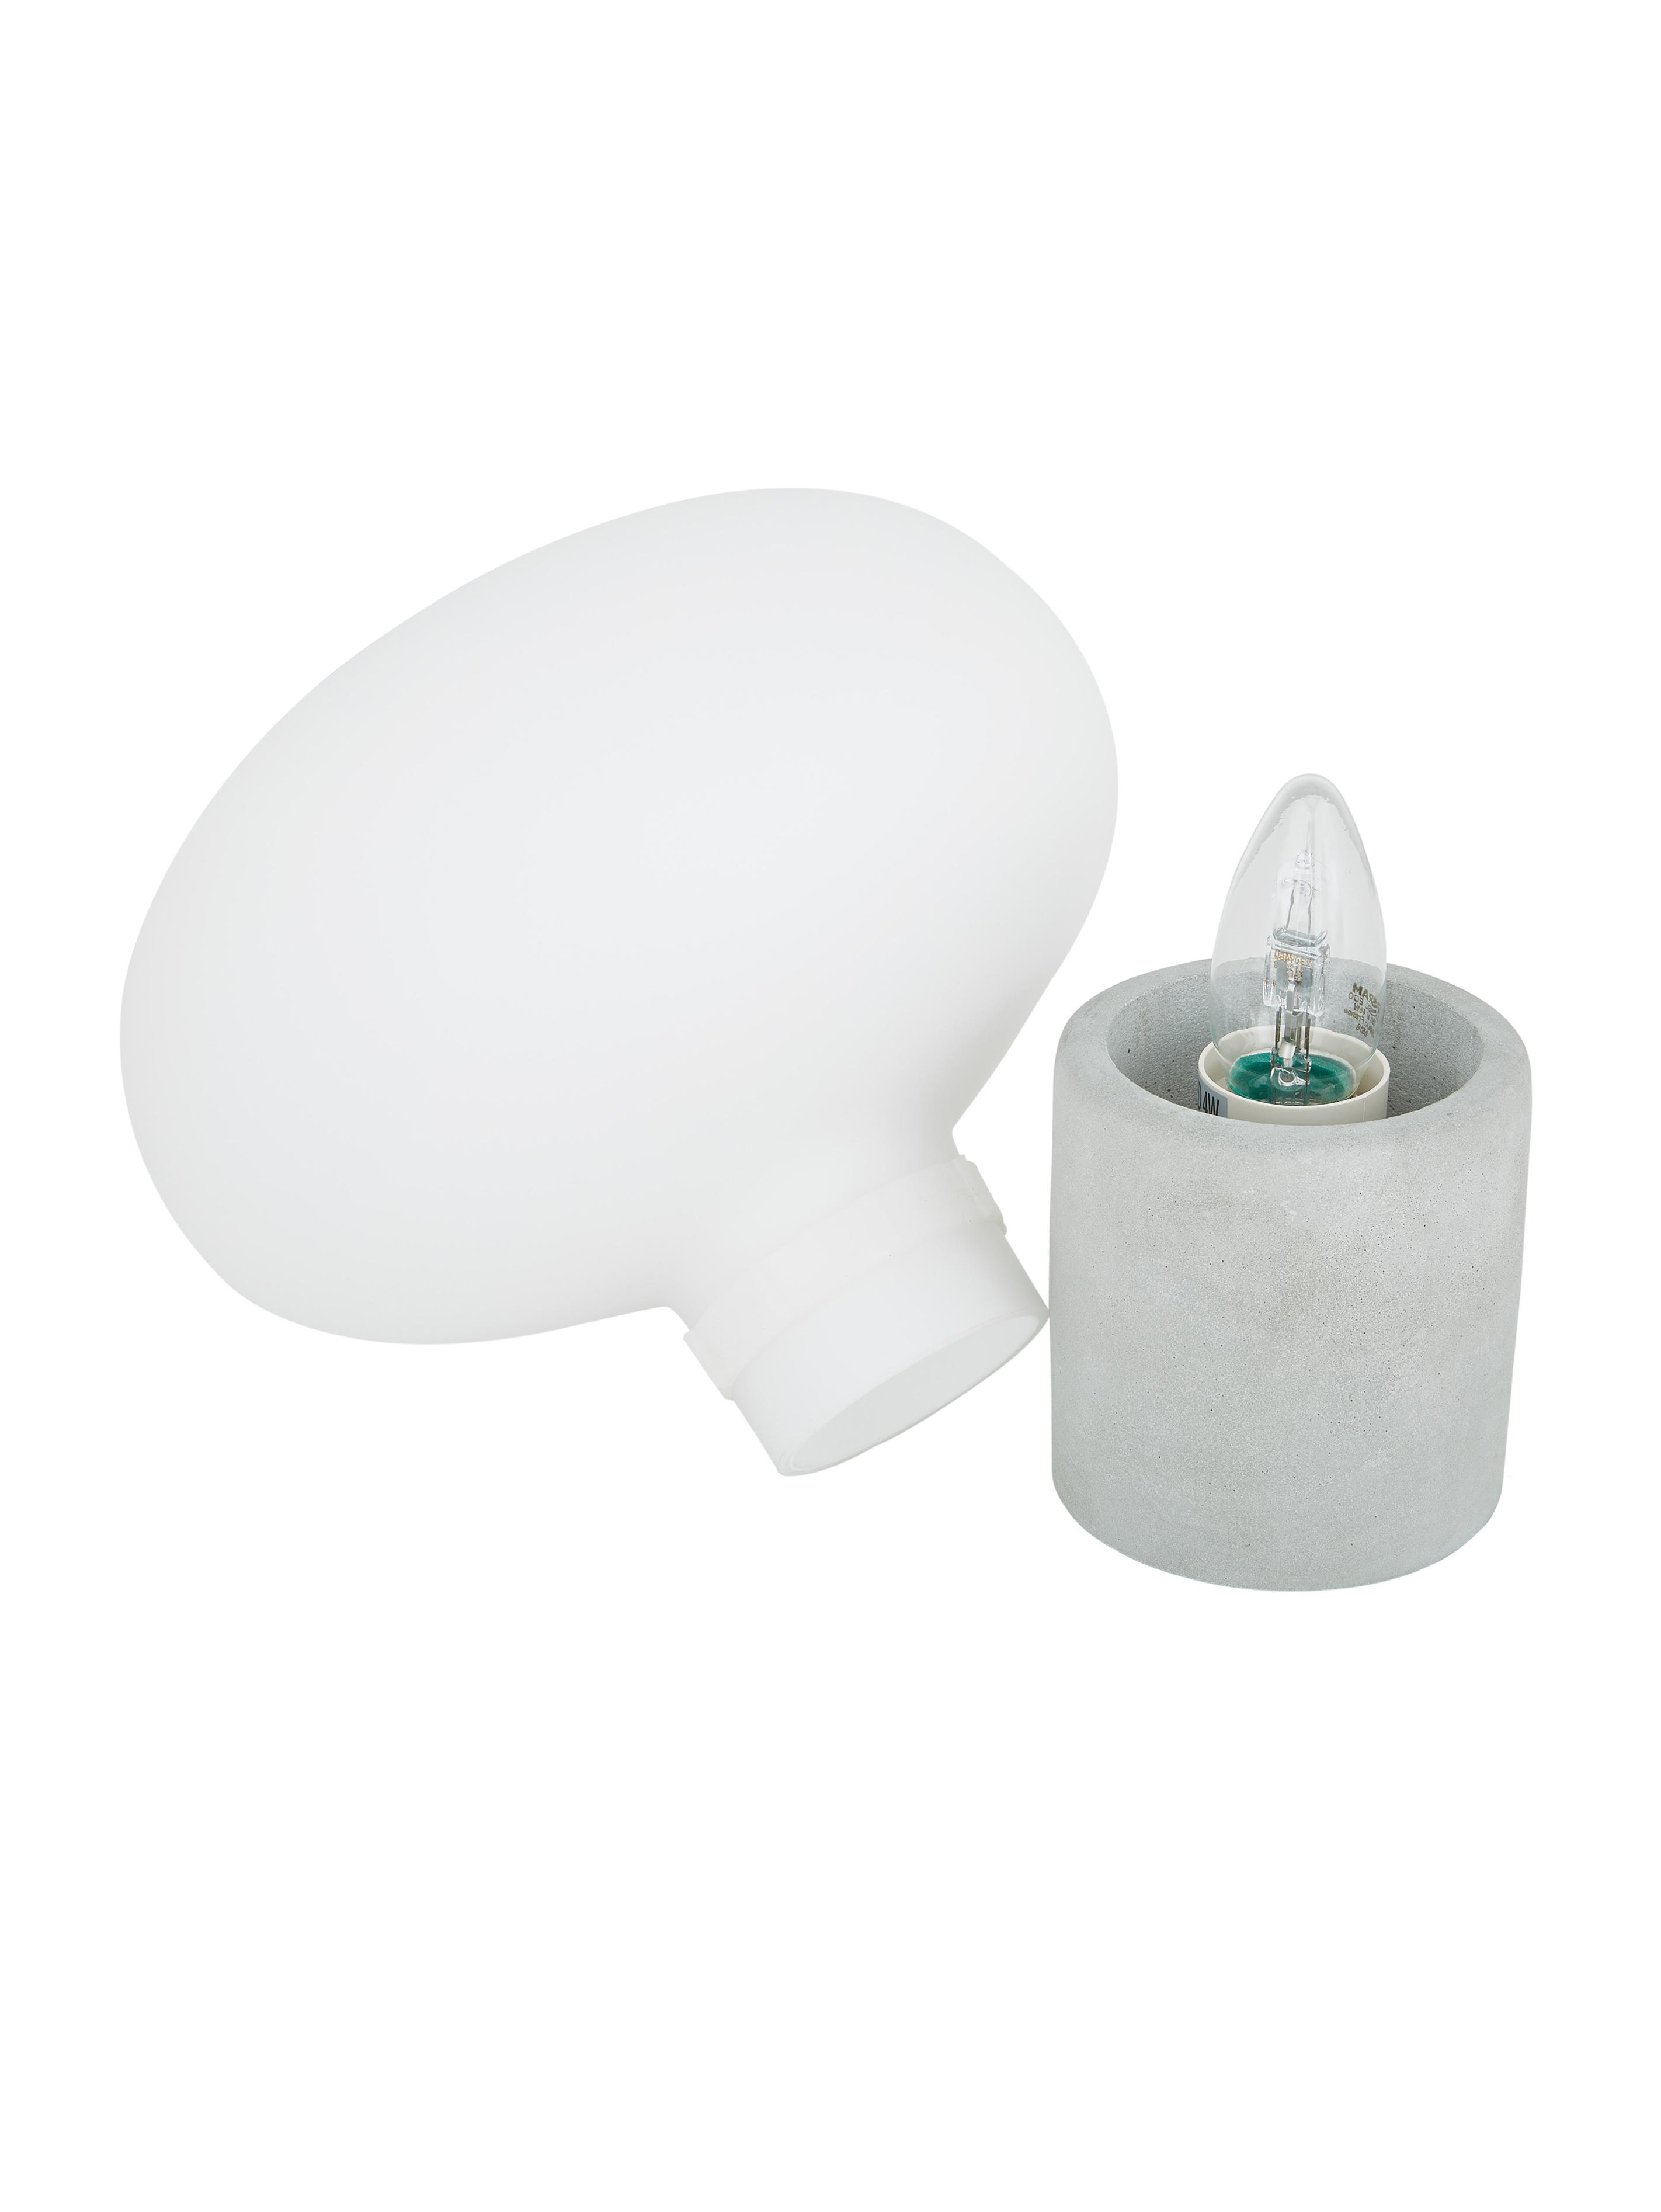 Tischlampe Alma mit Betonfuß, Lampenfuß: Beton, Lampenschirm: Glas, Lampenfuß: Grauer BetonLampenschirm: Weiß, Ø 23 x H 24 cm